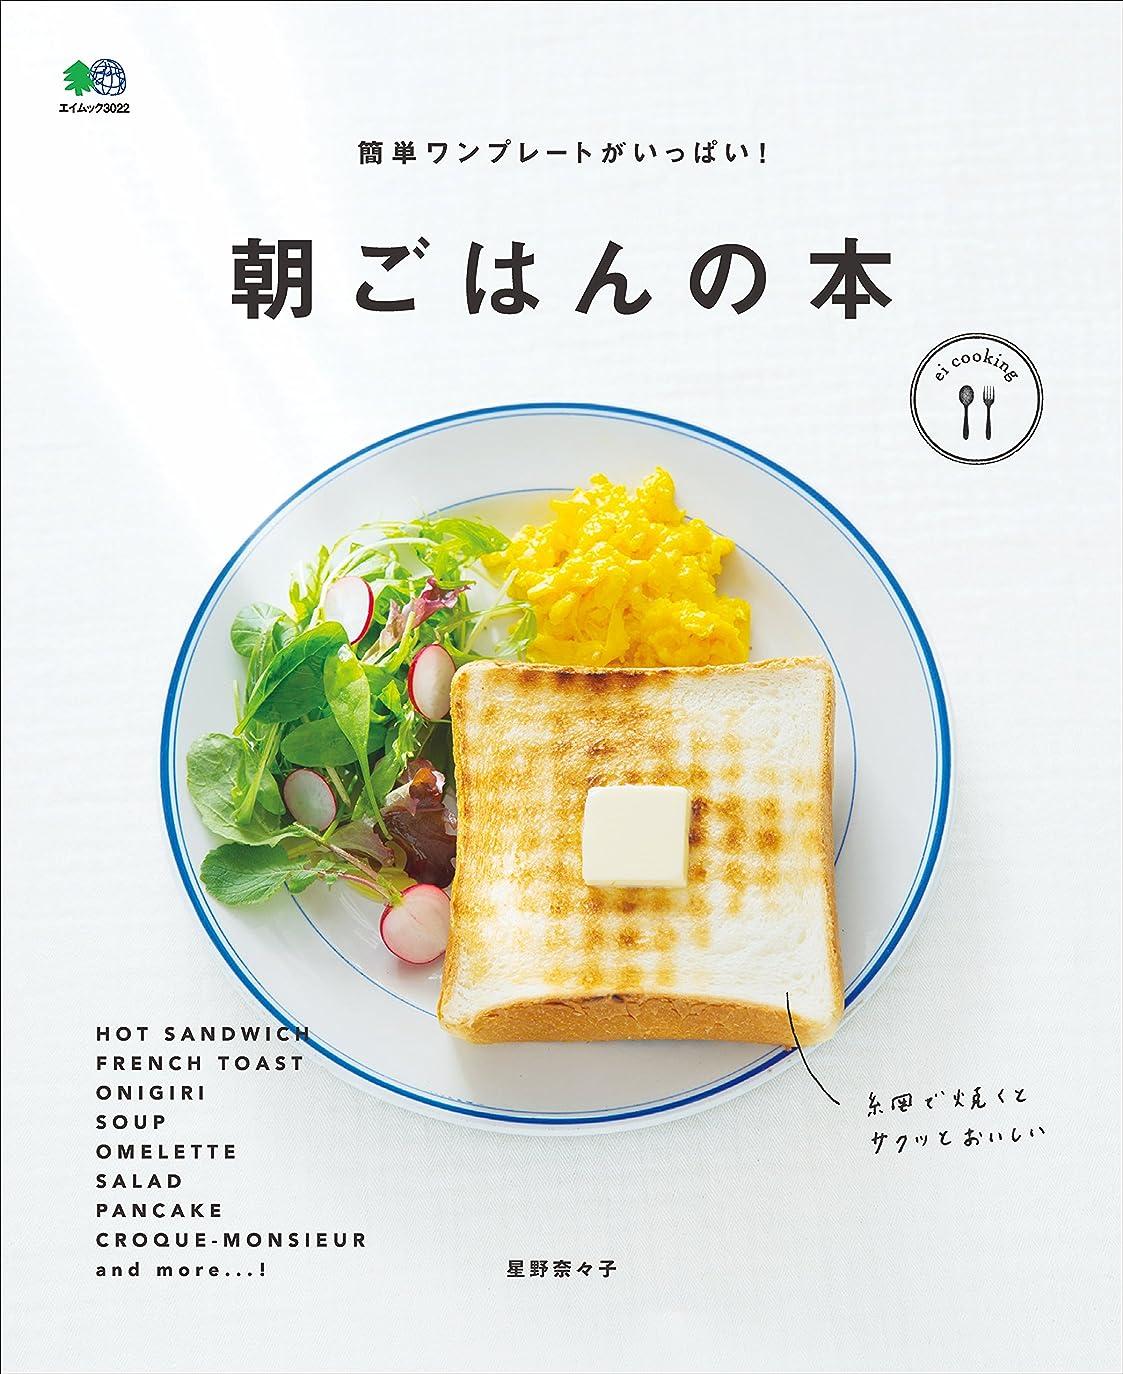 すでに与えるオペラ簡単ワンプレートがいっぱい朝ごはんの本![雑誌] ei cooking